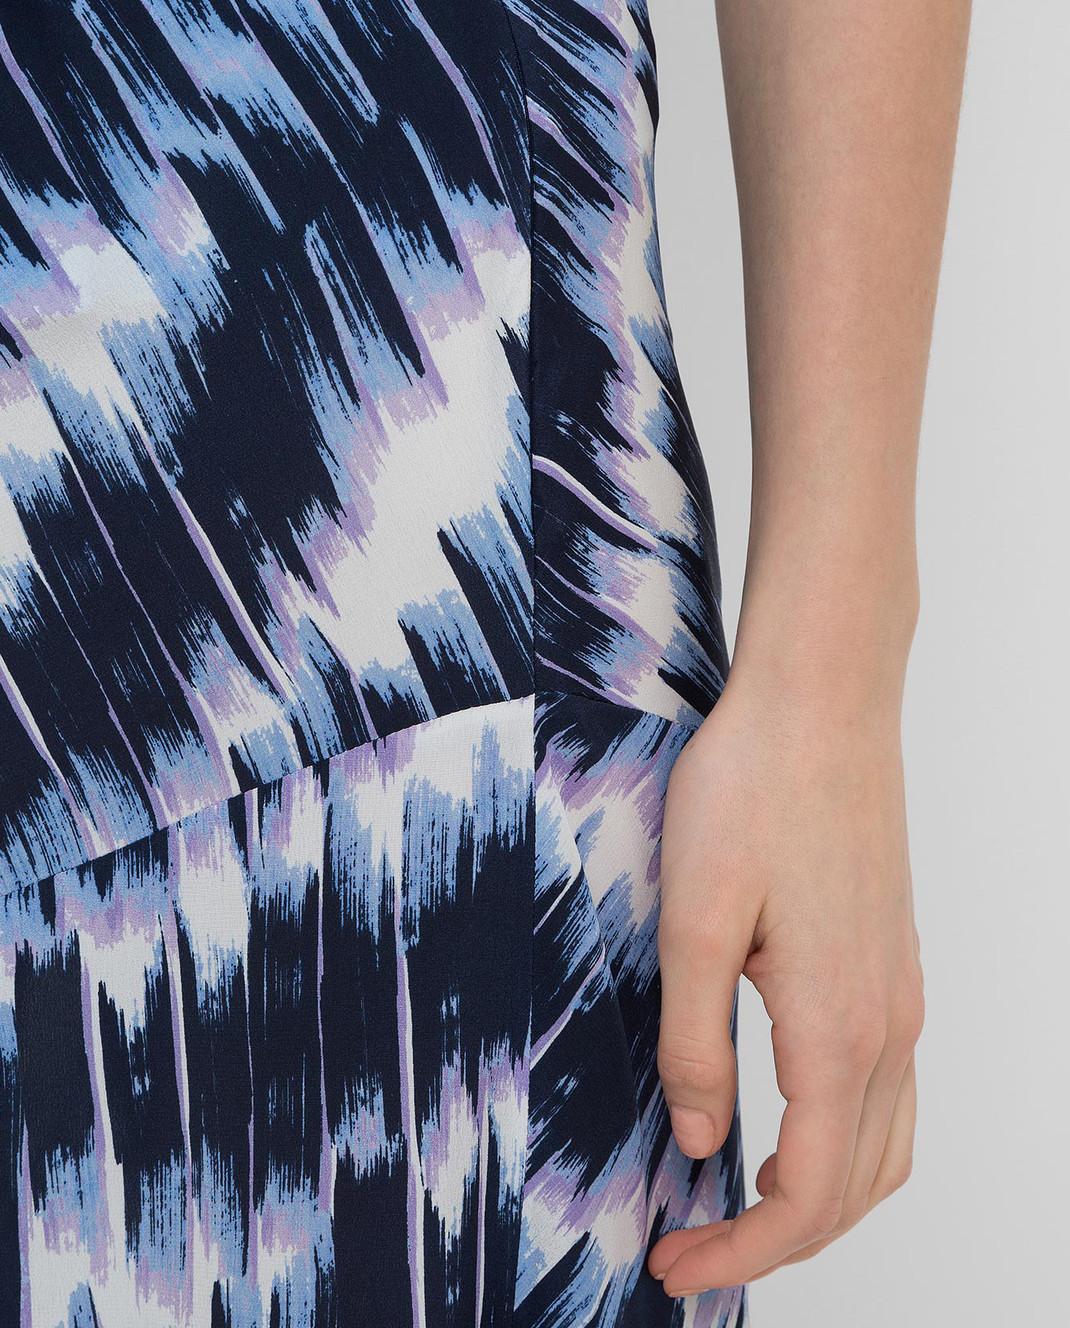 Max Mara Sportmax Темно-синяя юбка из шелка FALENA изображение 5